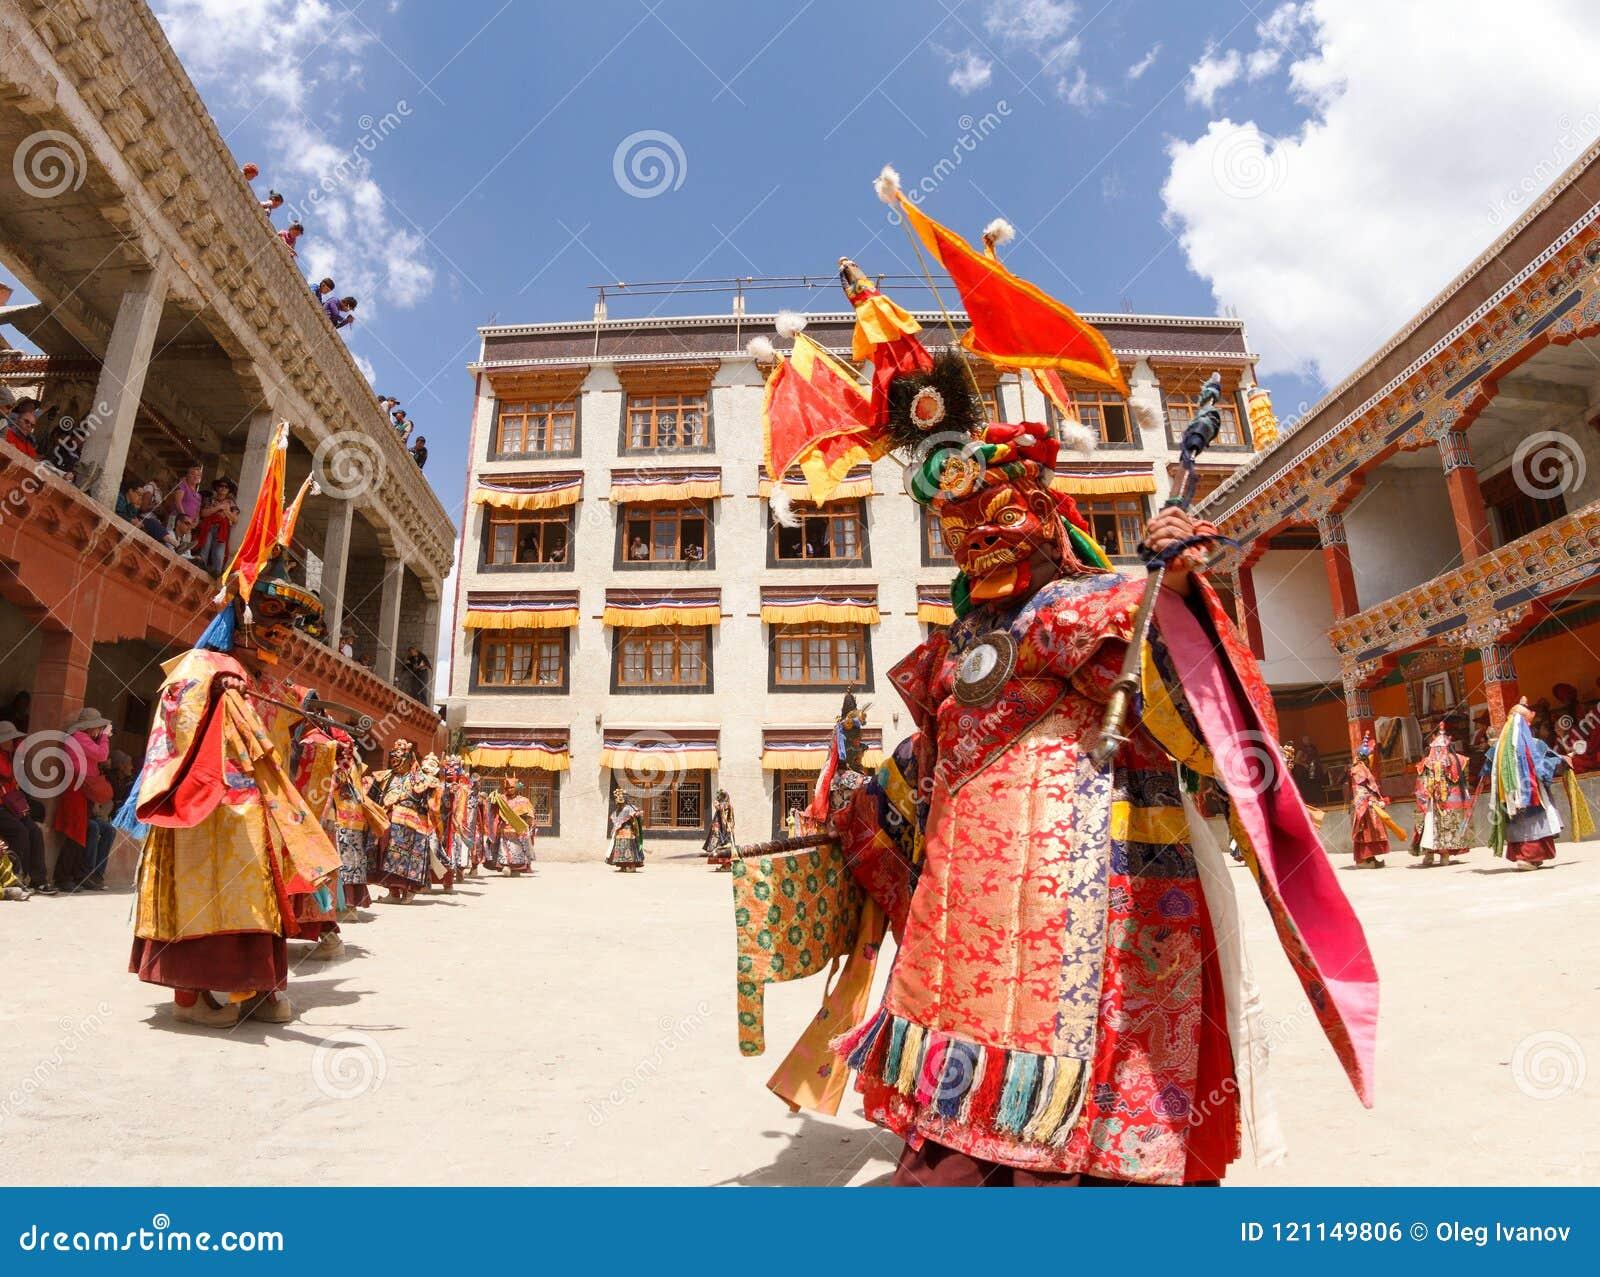 Οι μοναχοί εκτελούν έναν θρησκευτικό καλυμμένο και ντυμένο με κοστούμι χορό μυστηρίου του θιβετιανού βουδισμού στο παραδοσιακό φε